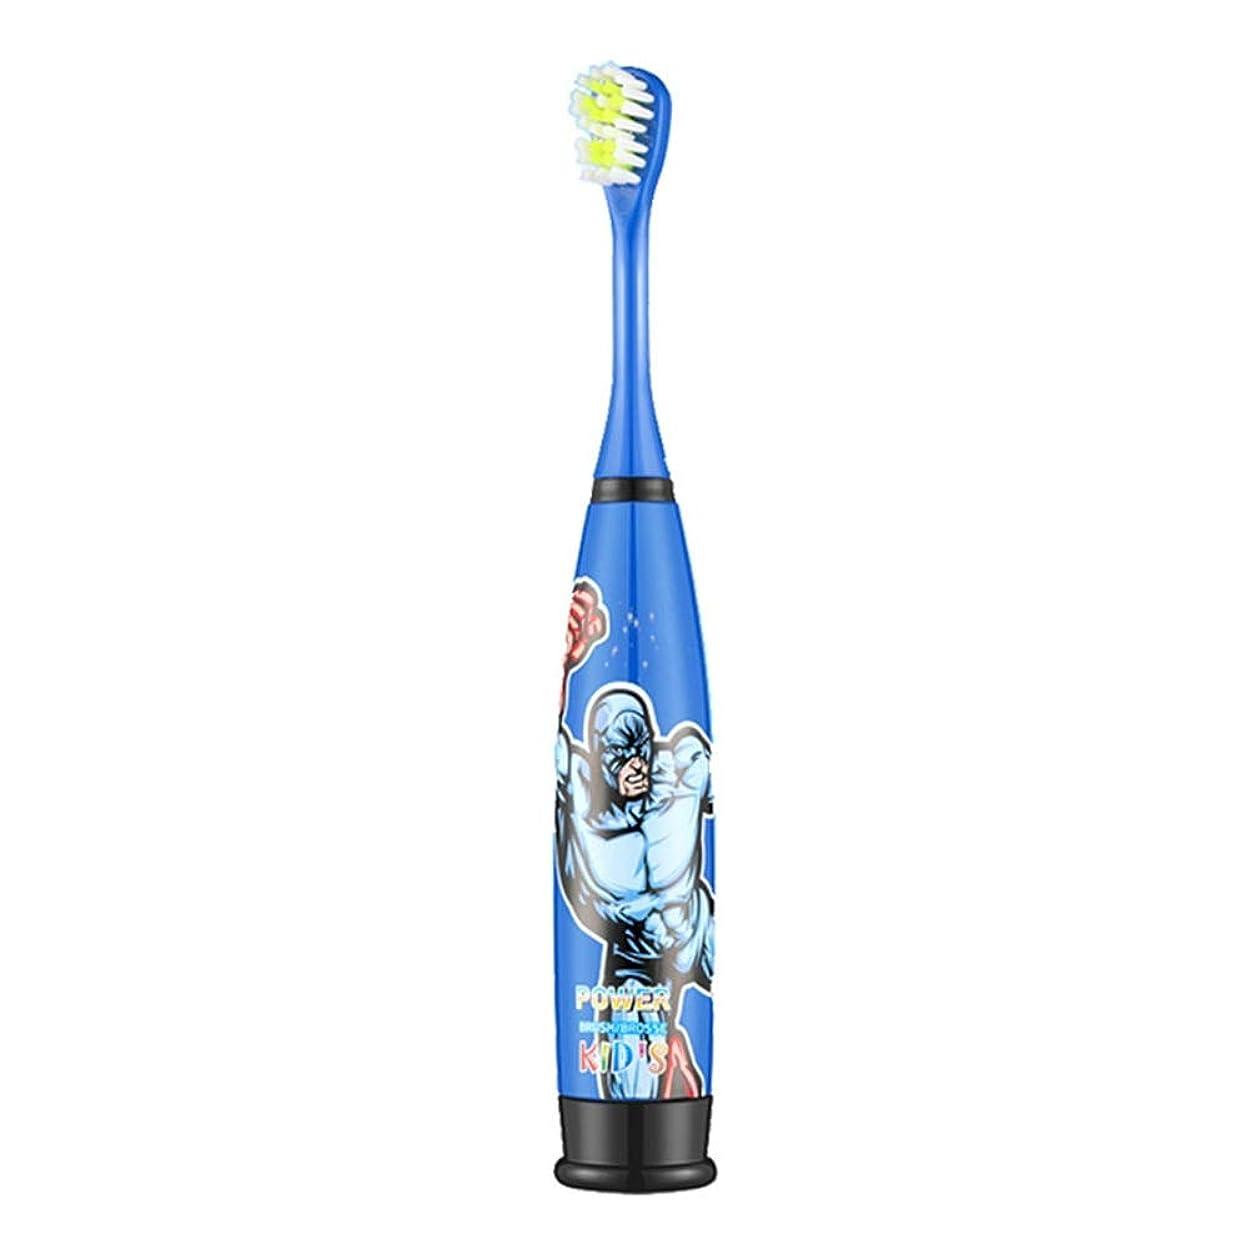 機密ケーブルカー必要としている電動歯ブラシ ブルースーパーマンパターン電動歯ブラシ防水ソフトヘアクリーニング歯ブラシ 子供と大人に適して (色 : 青, サイズ : Free size)